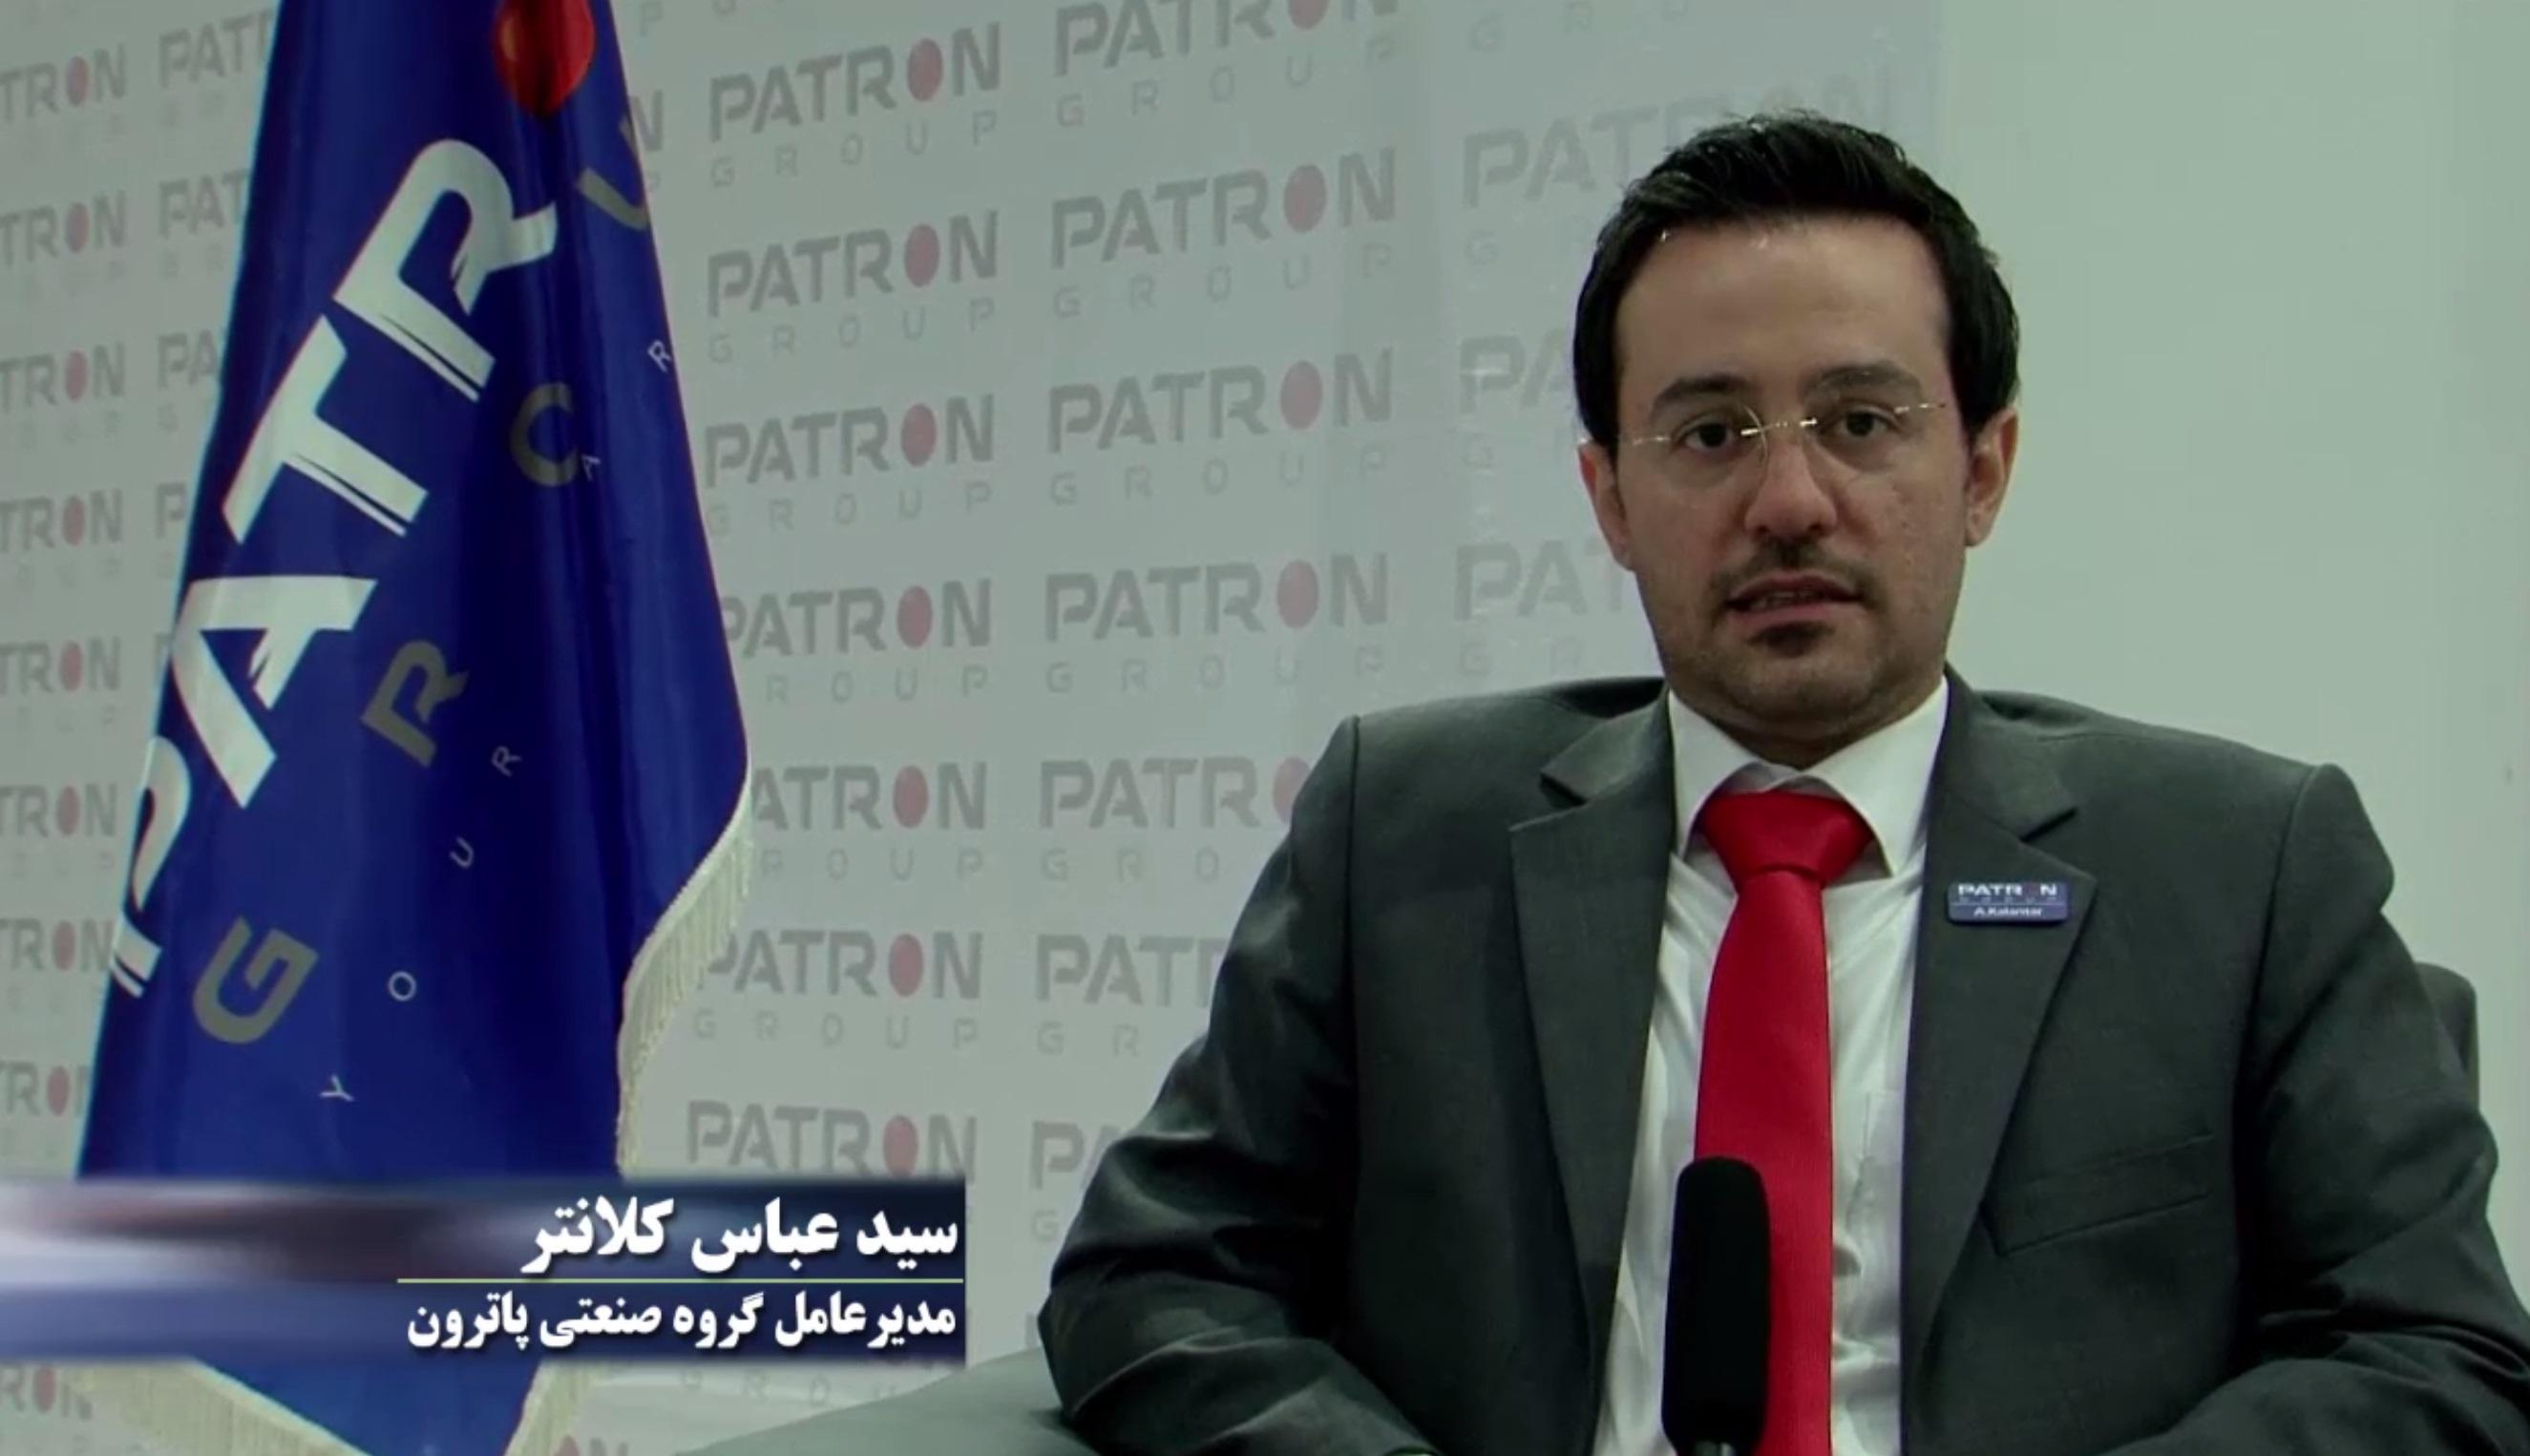 مصاحبه مدیرعامل گروه پاترون در متافو ۹۷